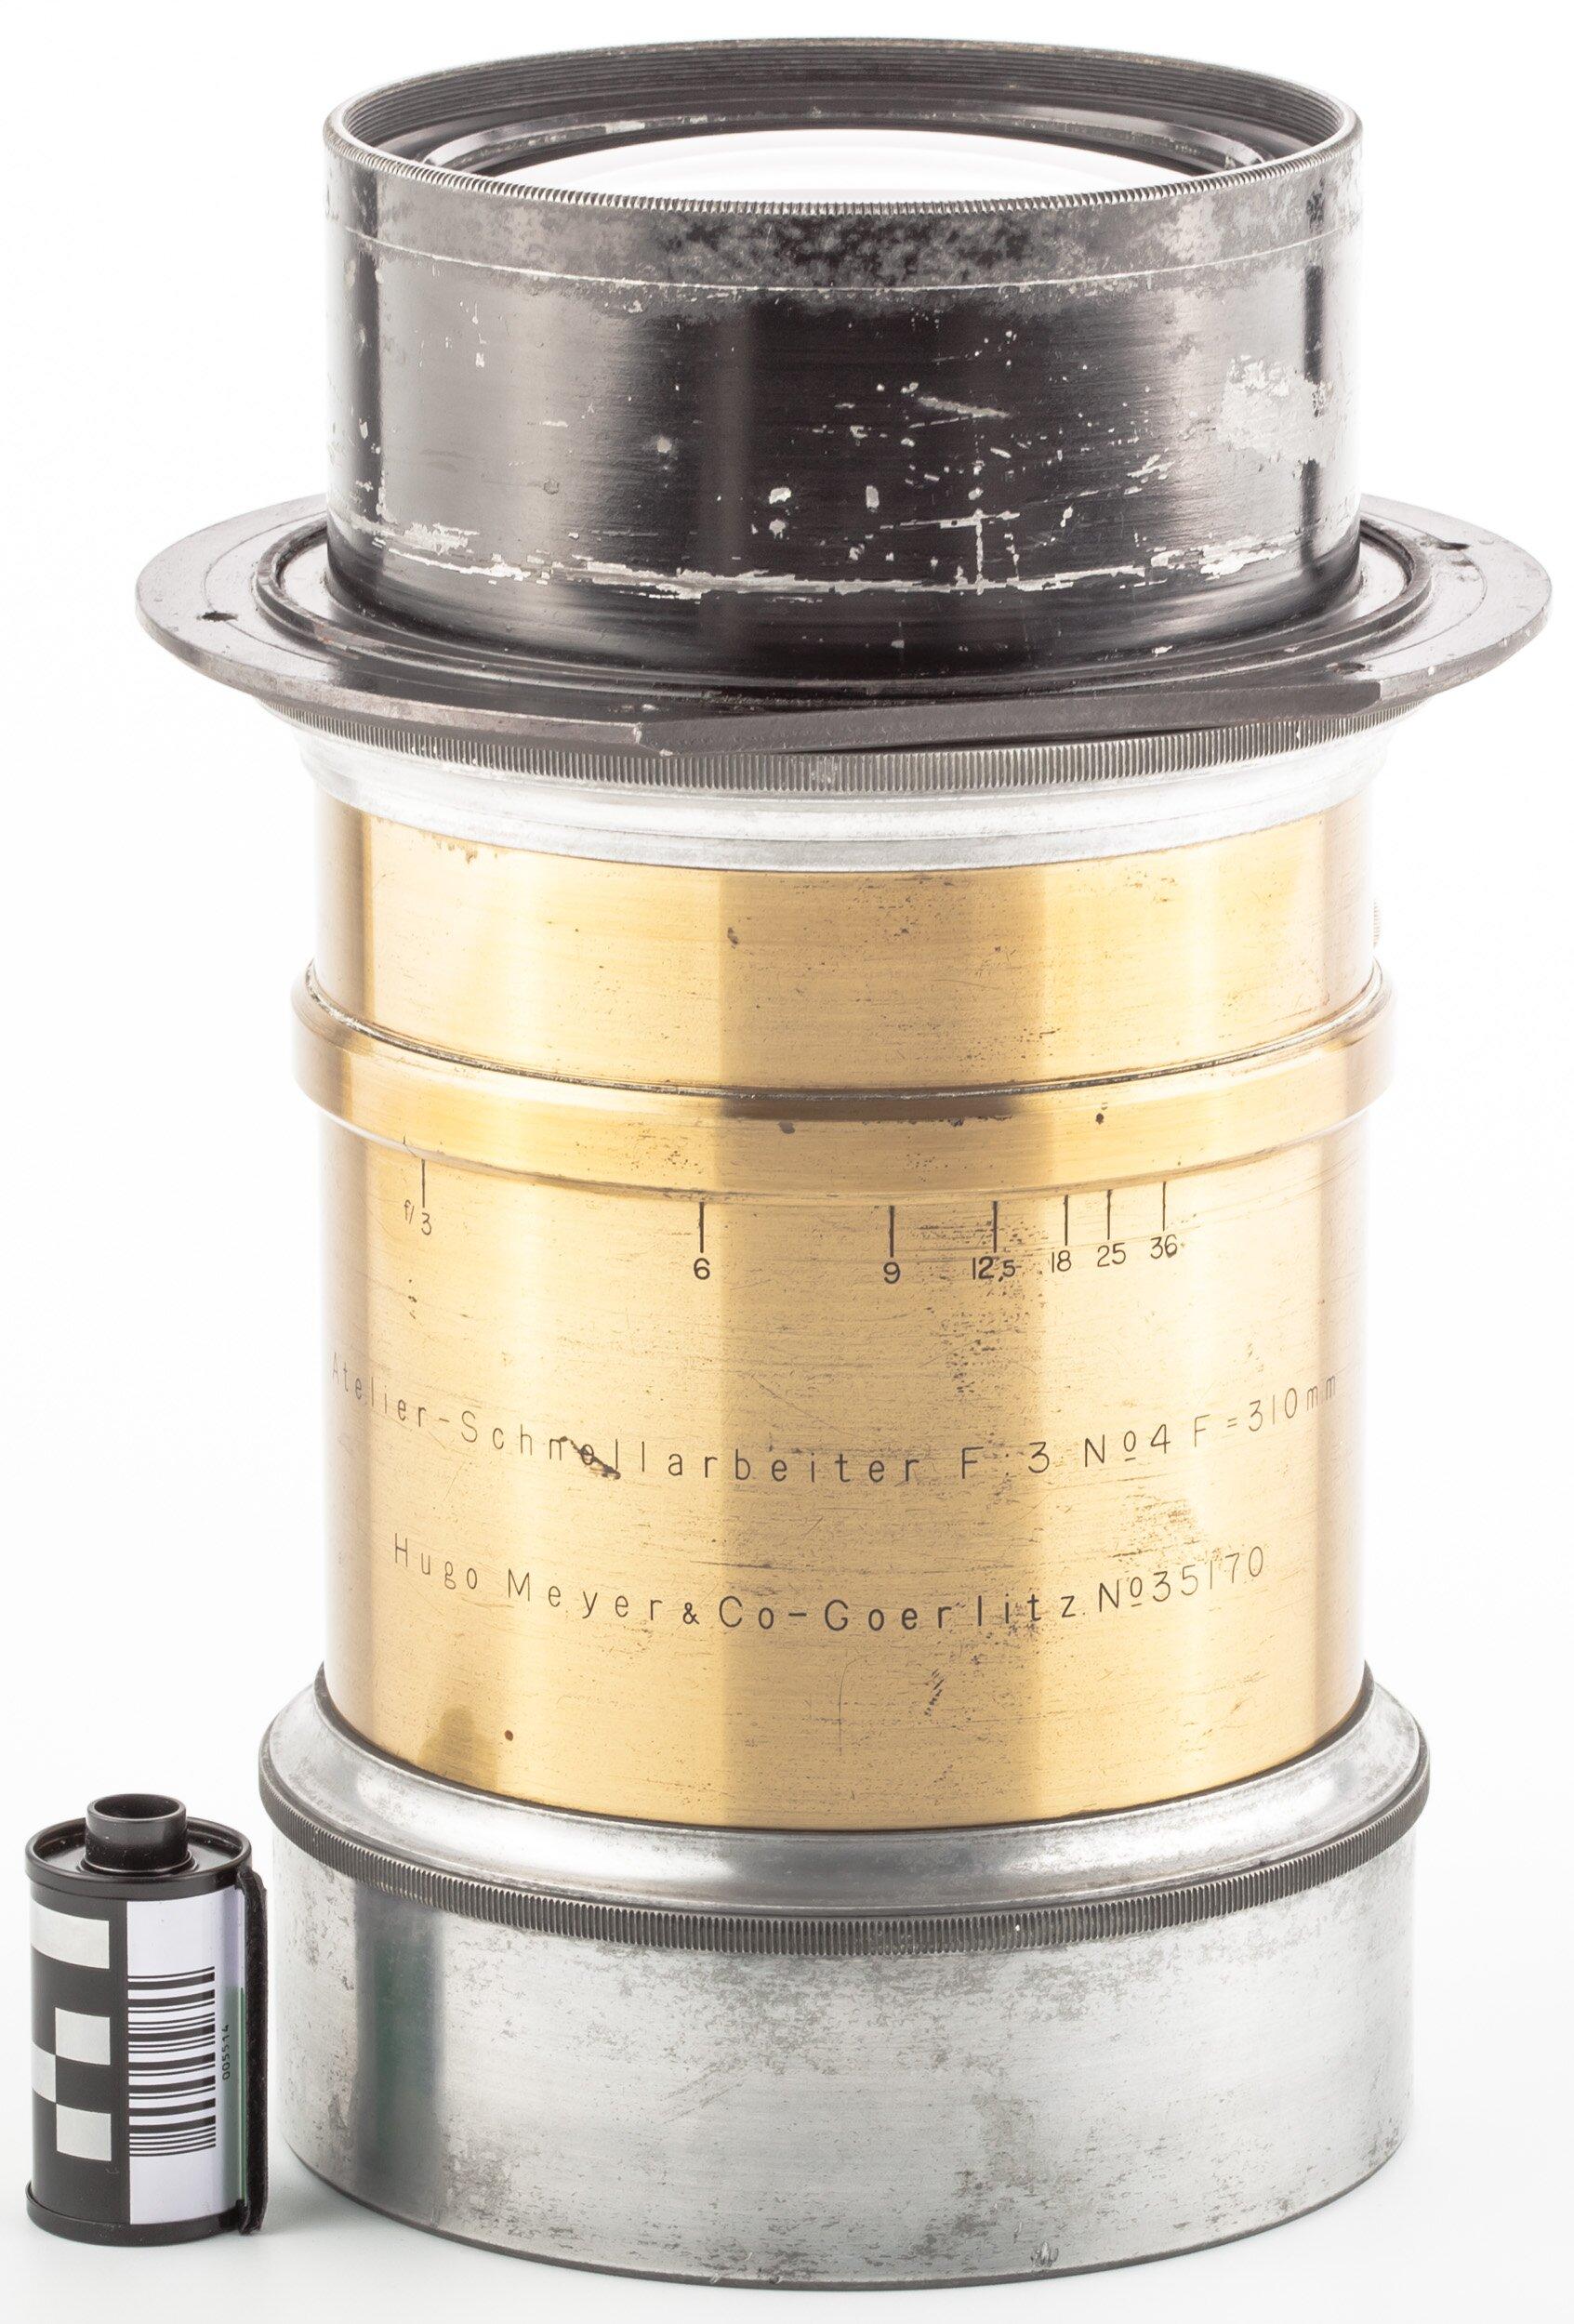 Hugo Meyer & Co-Goerlitz F:3 No4 F=310mm  Atelier-Schnellarbeiter